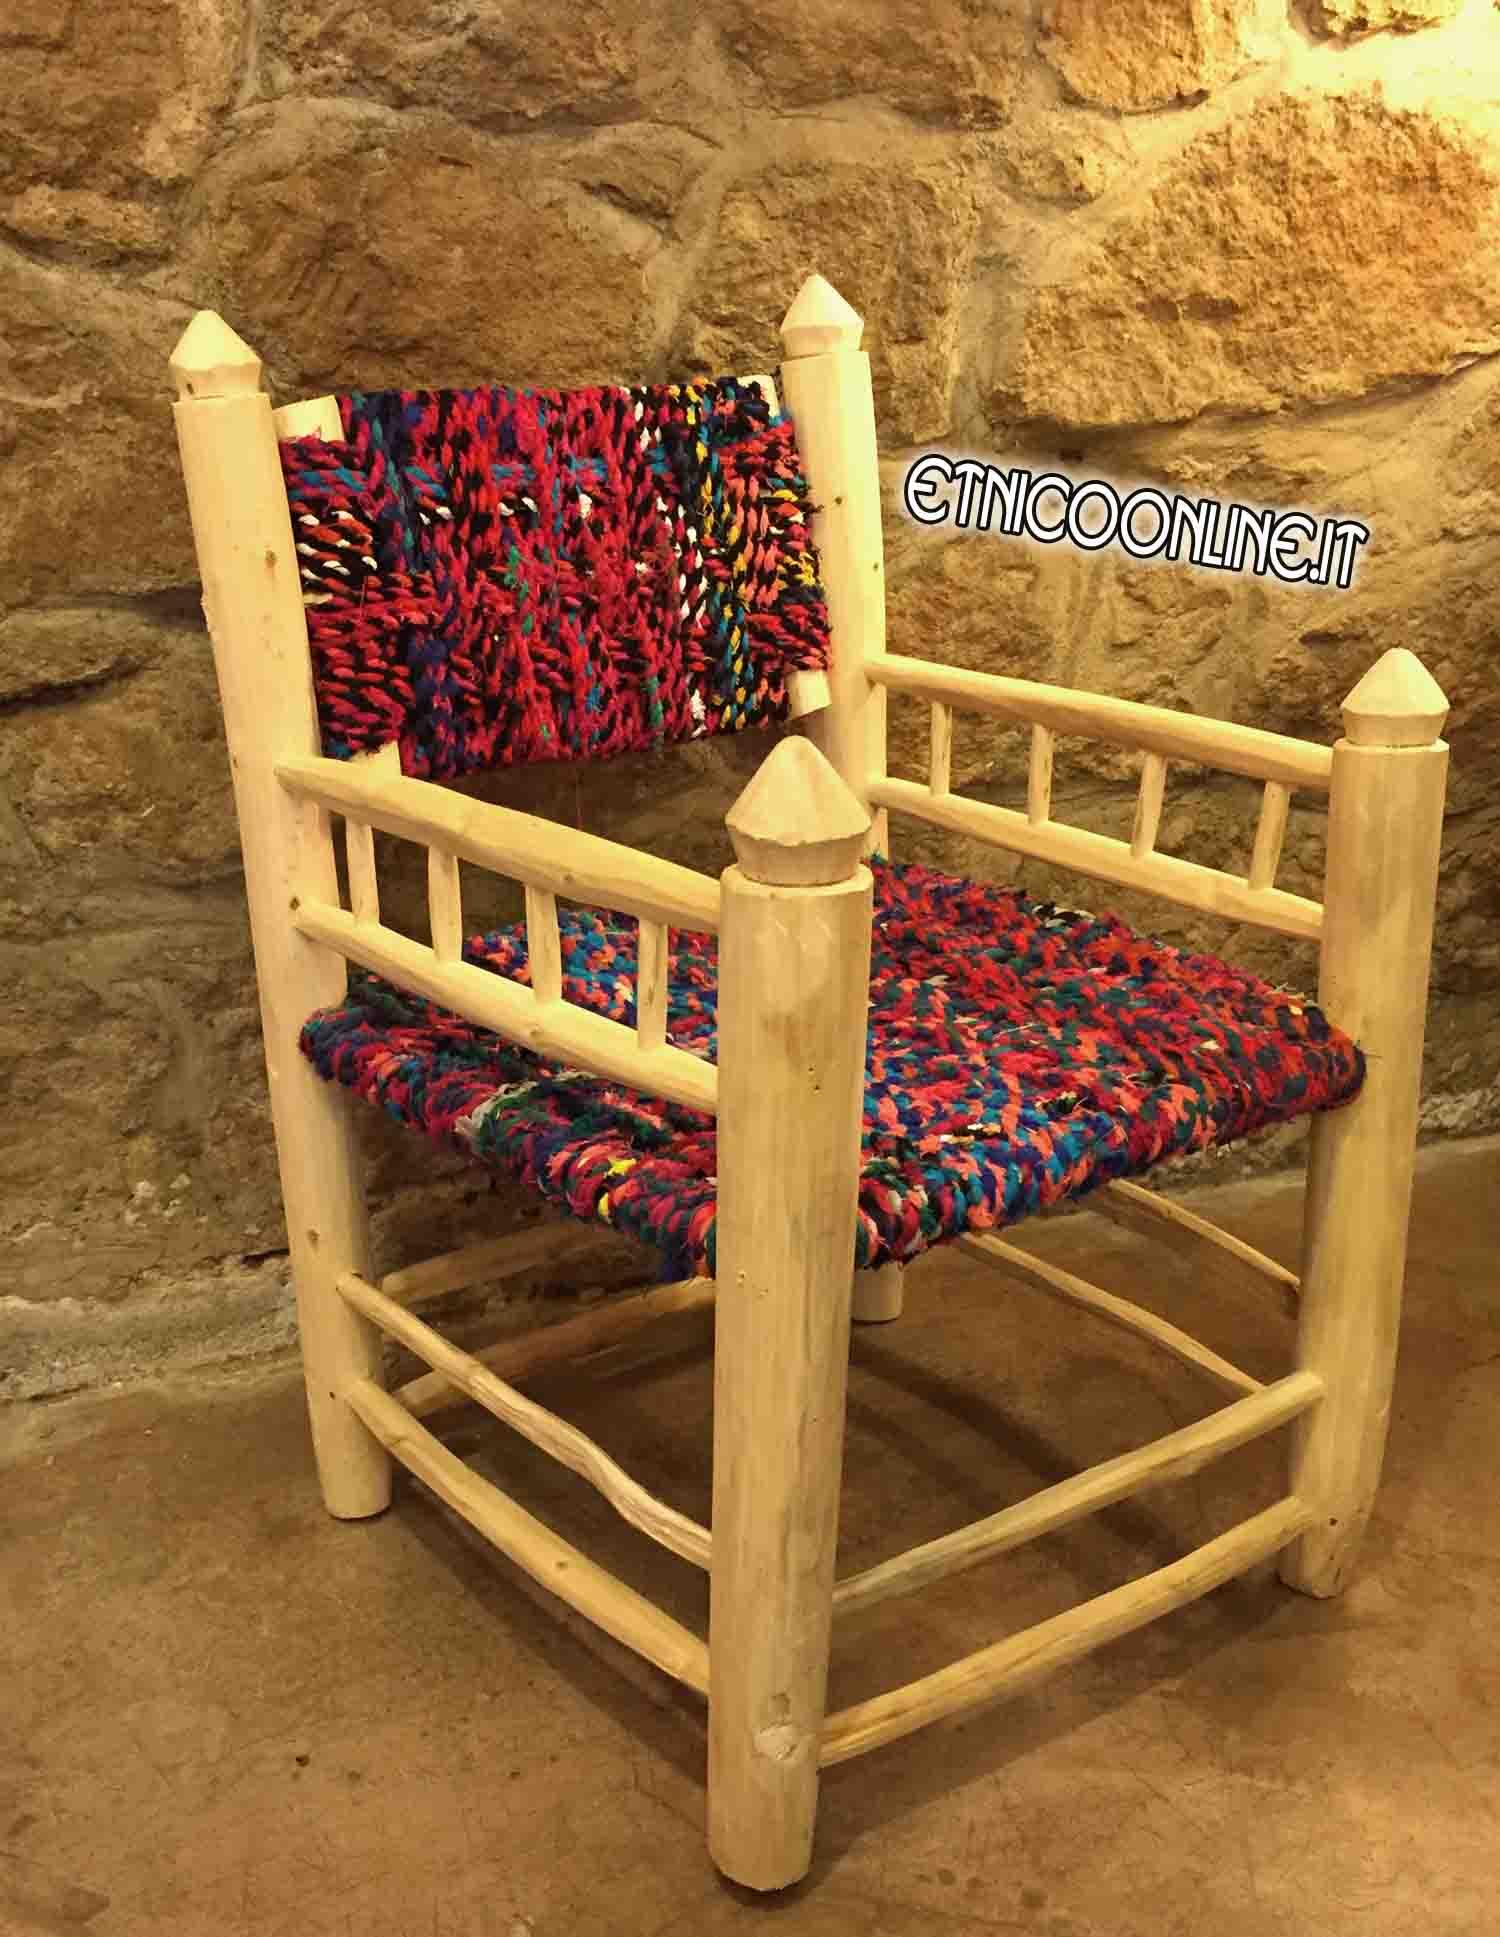 Mobili marocchini in legno di artigianato marocco articoli e prodotti etnici marocchini e orientali - Mobili marocchini ...